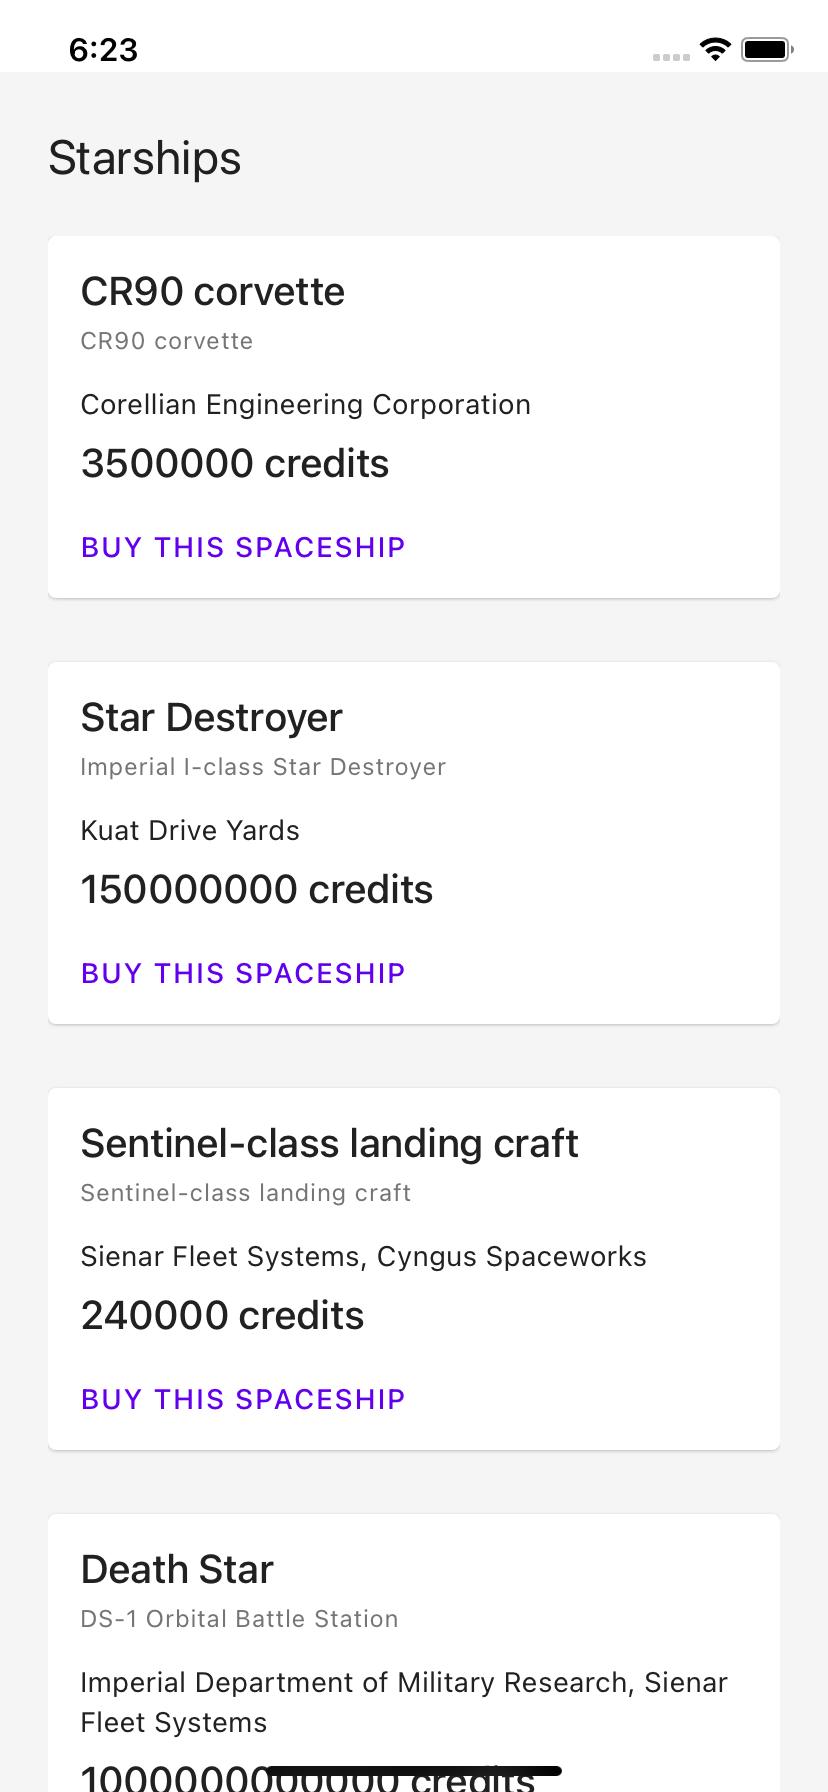 Starships list